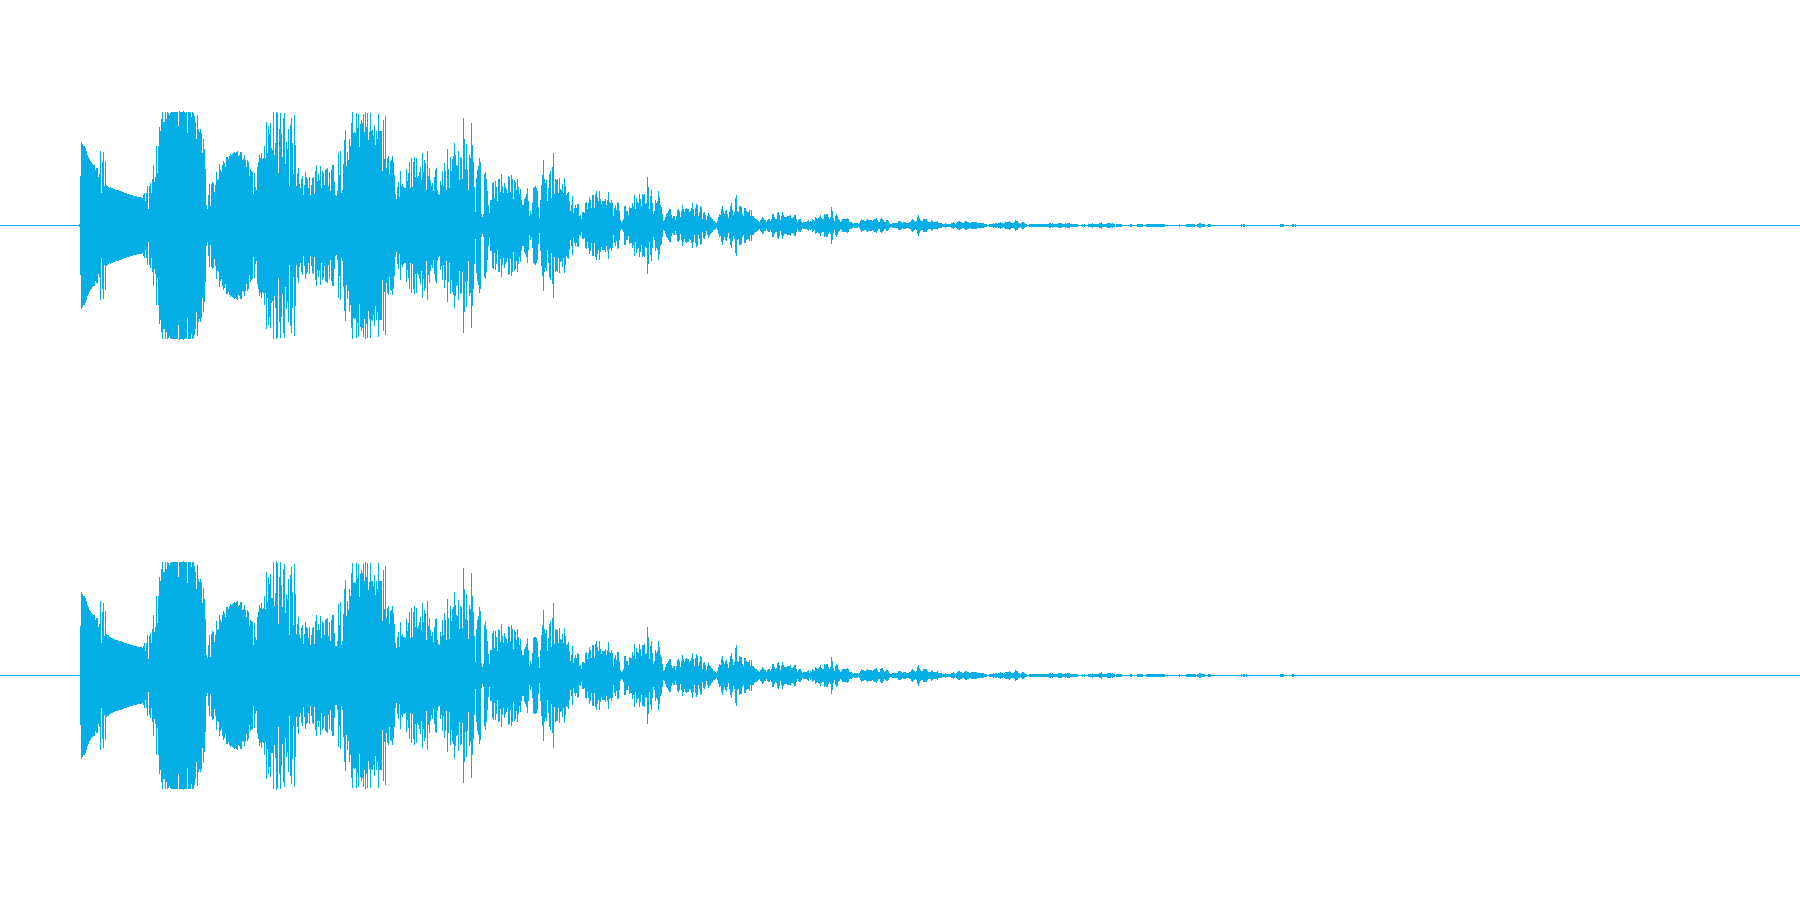 【魔法01-1】の再生済みの波形